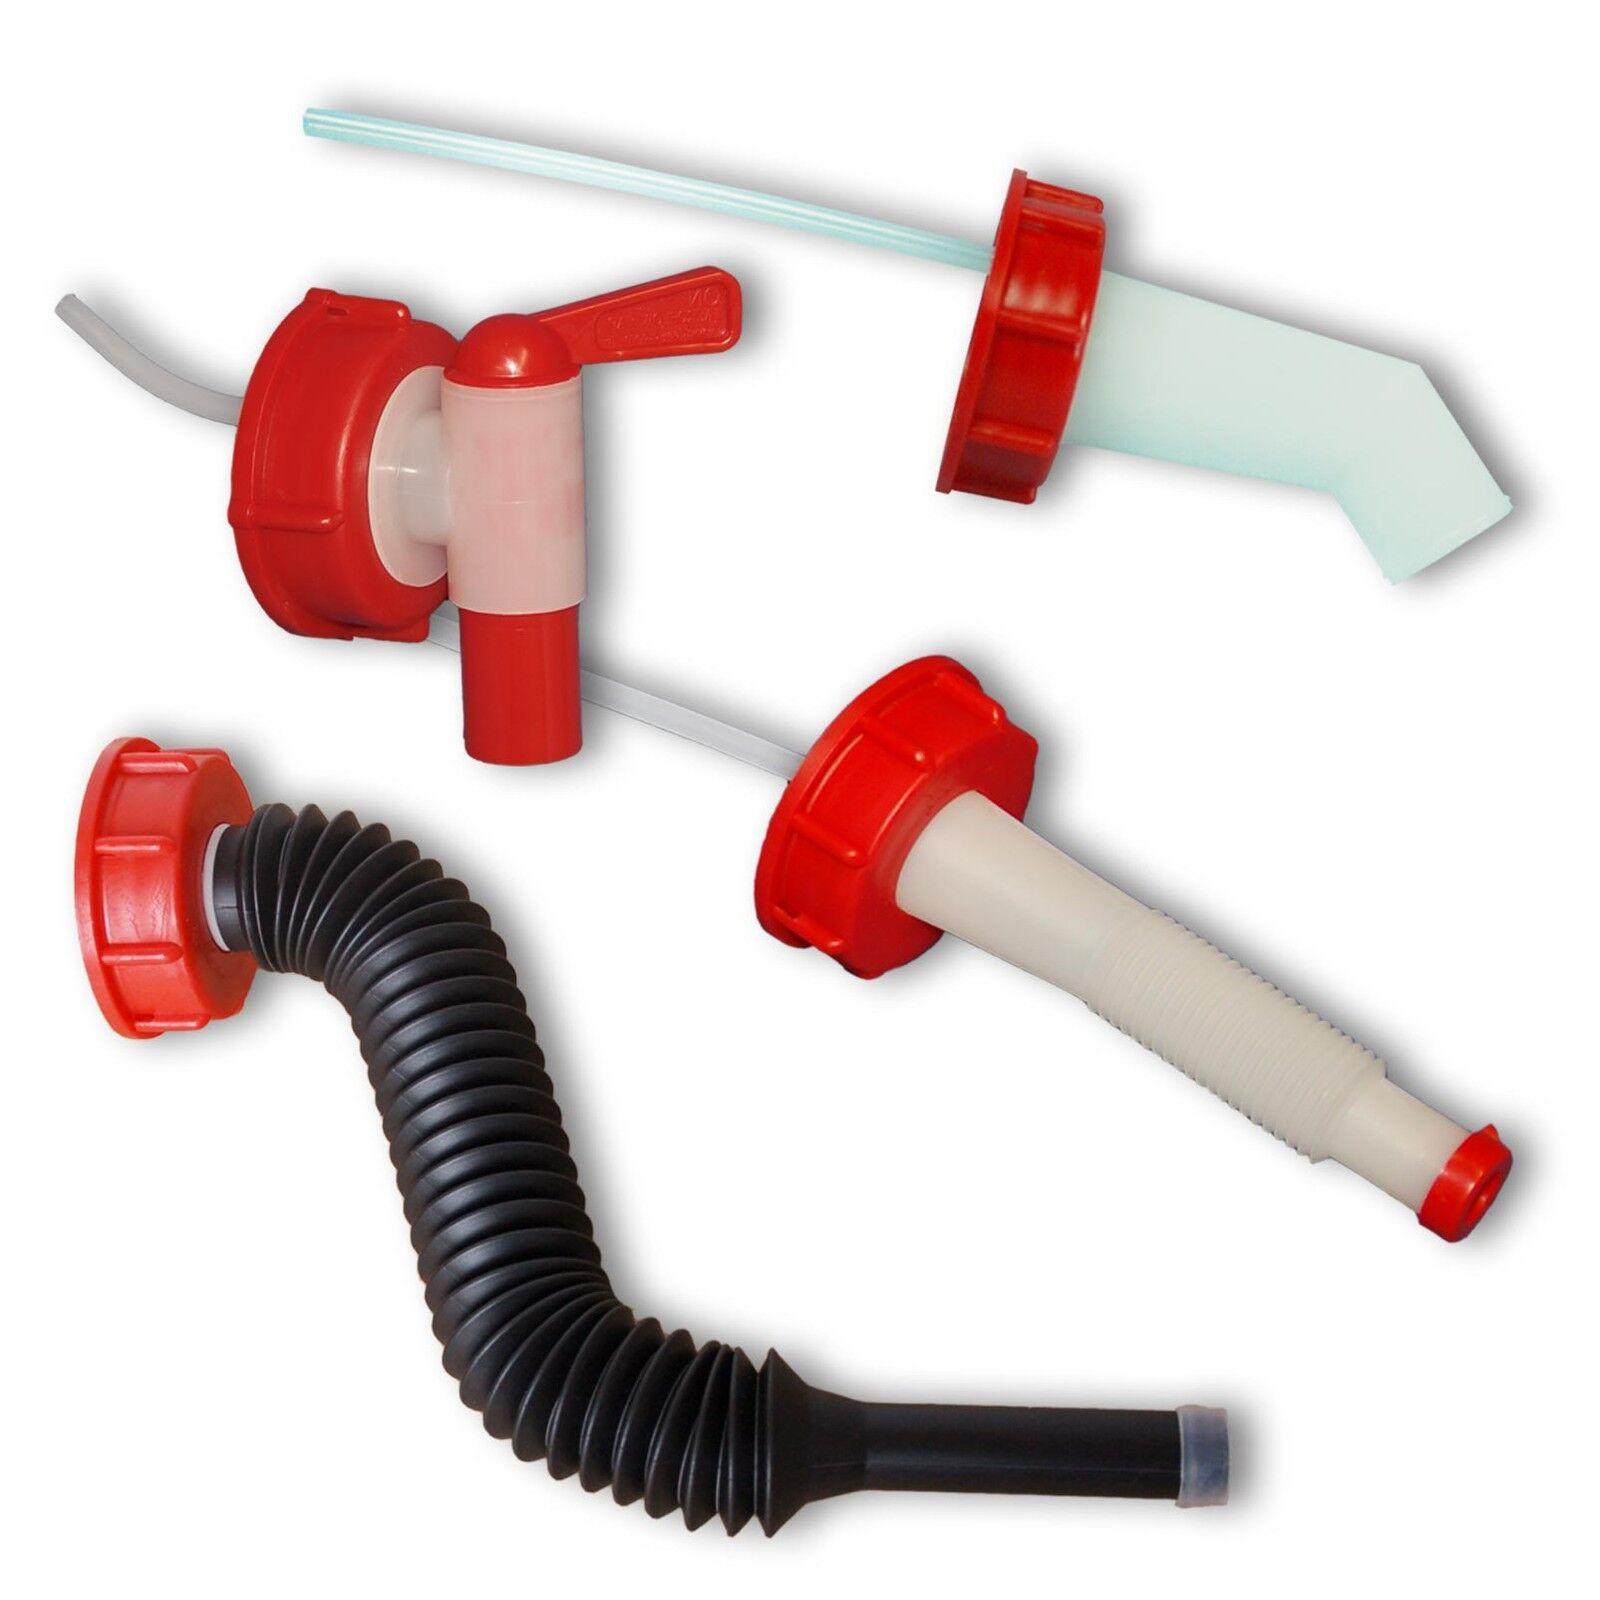 Accessoires bidons, jerricans, robinets, becs verseur, bouchons, DIN 45/51/61/71